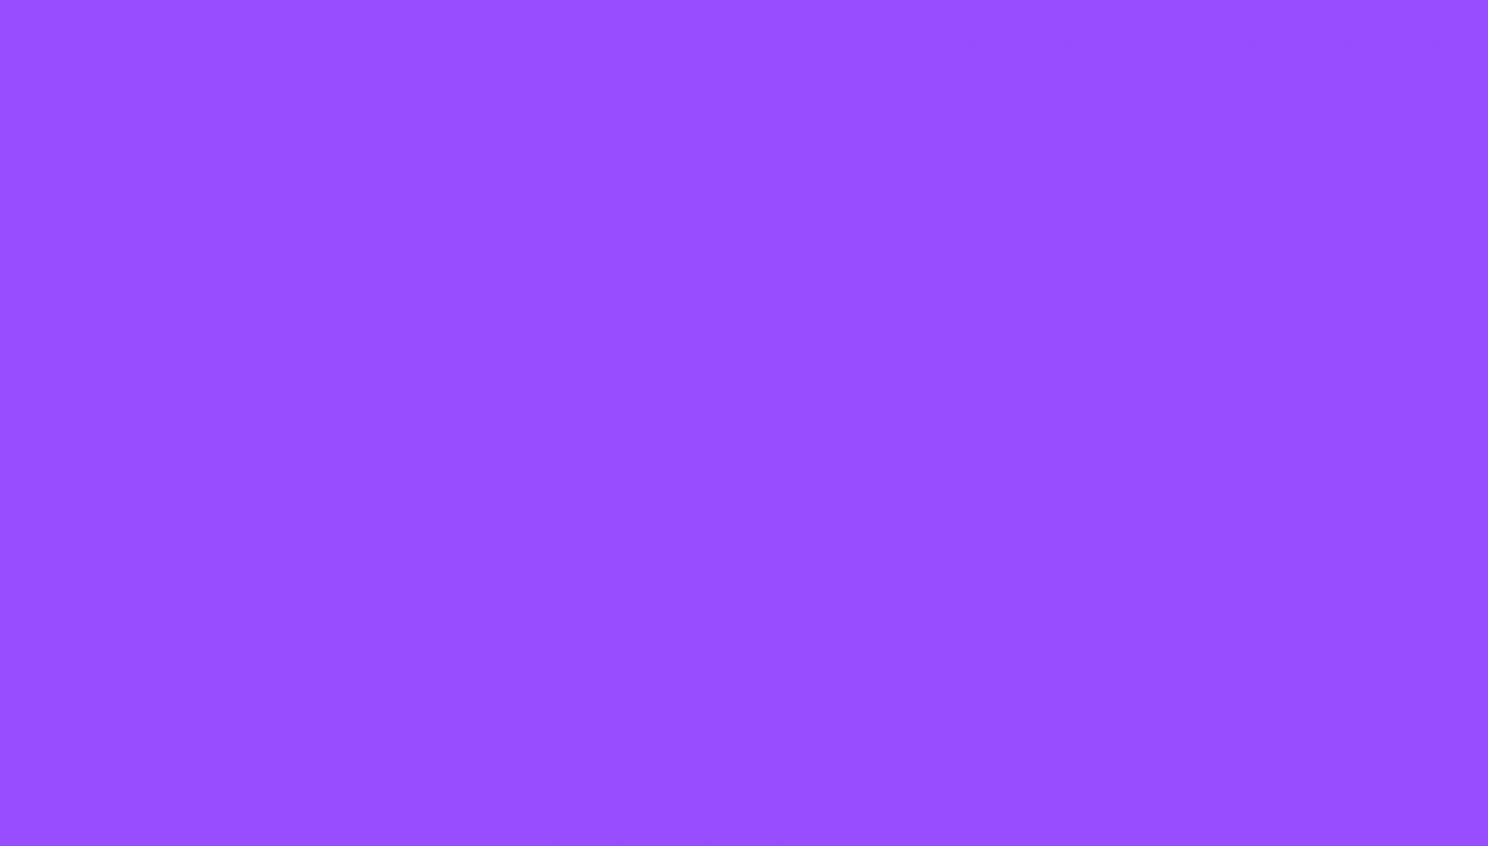 Plain Light Purple Color Wallpaper Bronze Wallpapers